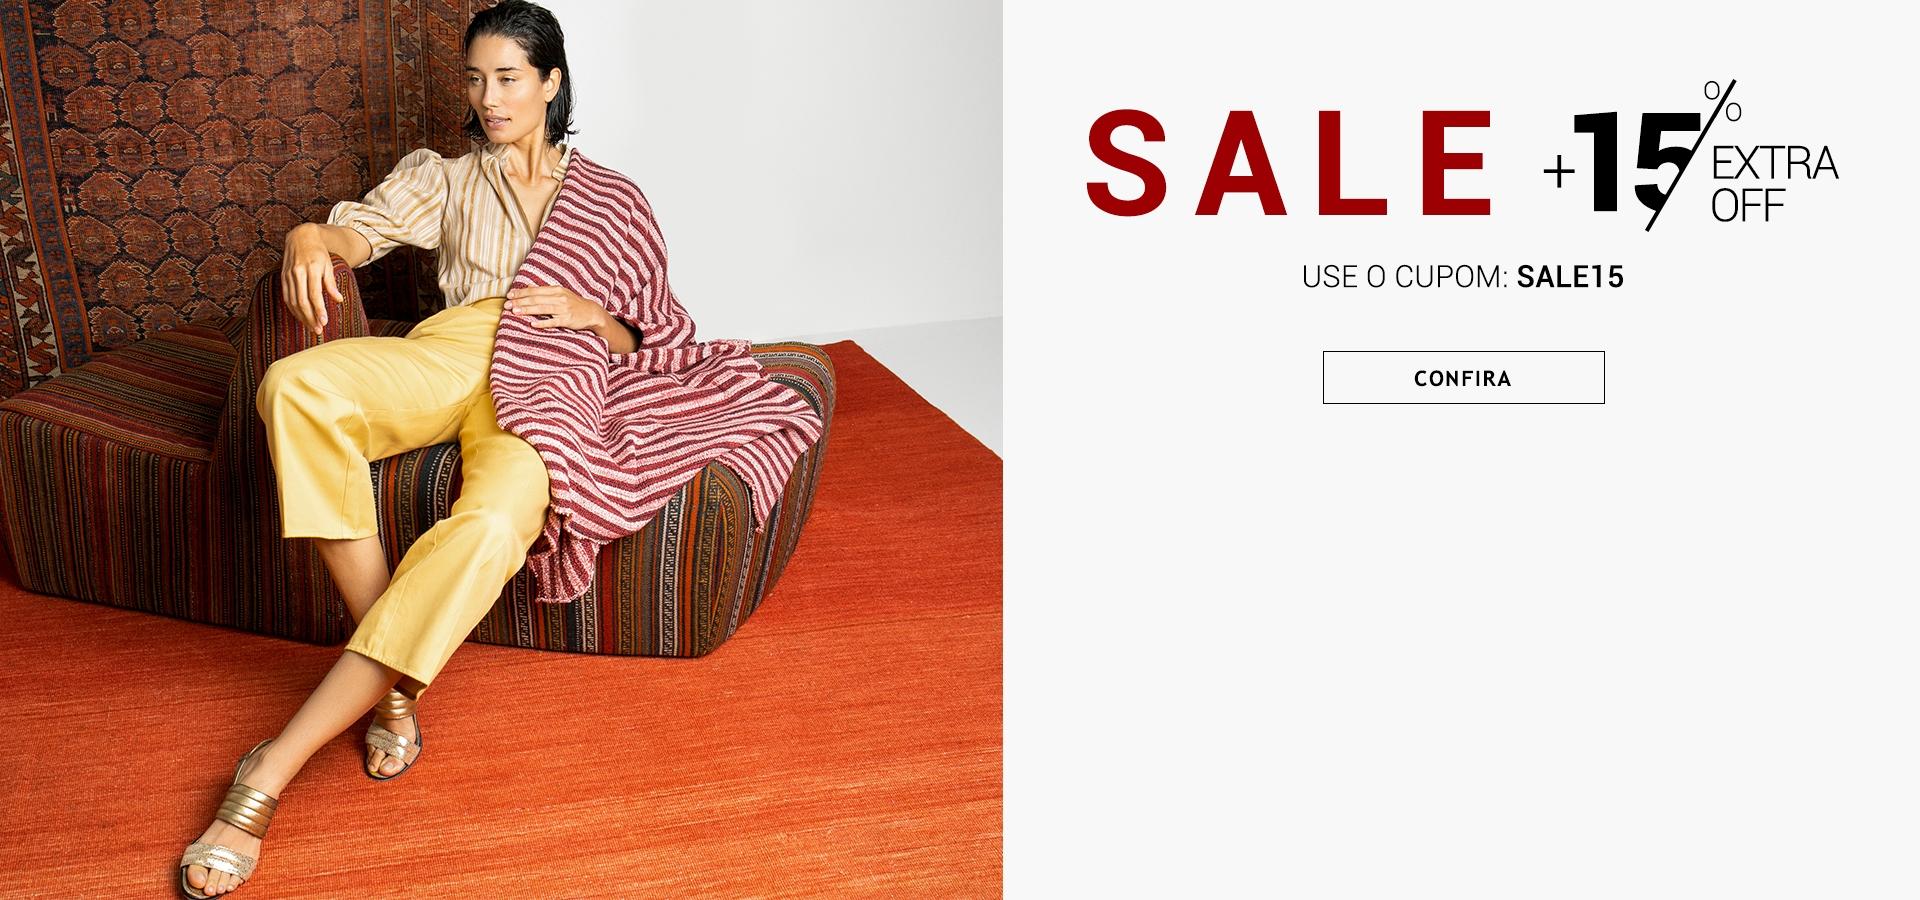 Moda masculina feminina acessórios moda de luxo melhoras marcas internacionais nacionais com desconto. Sale Brasil Online